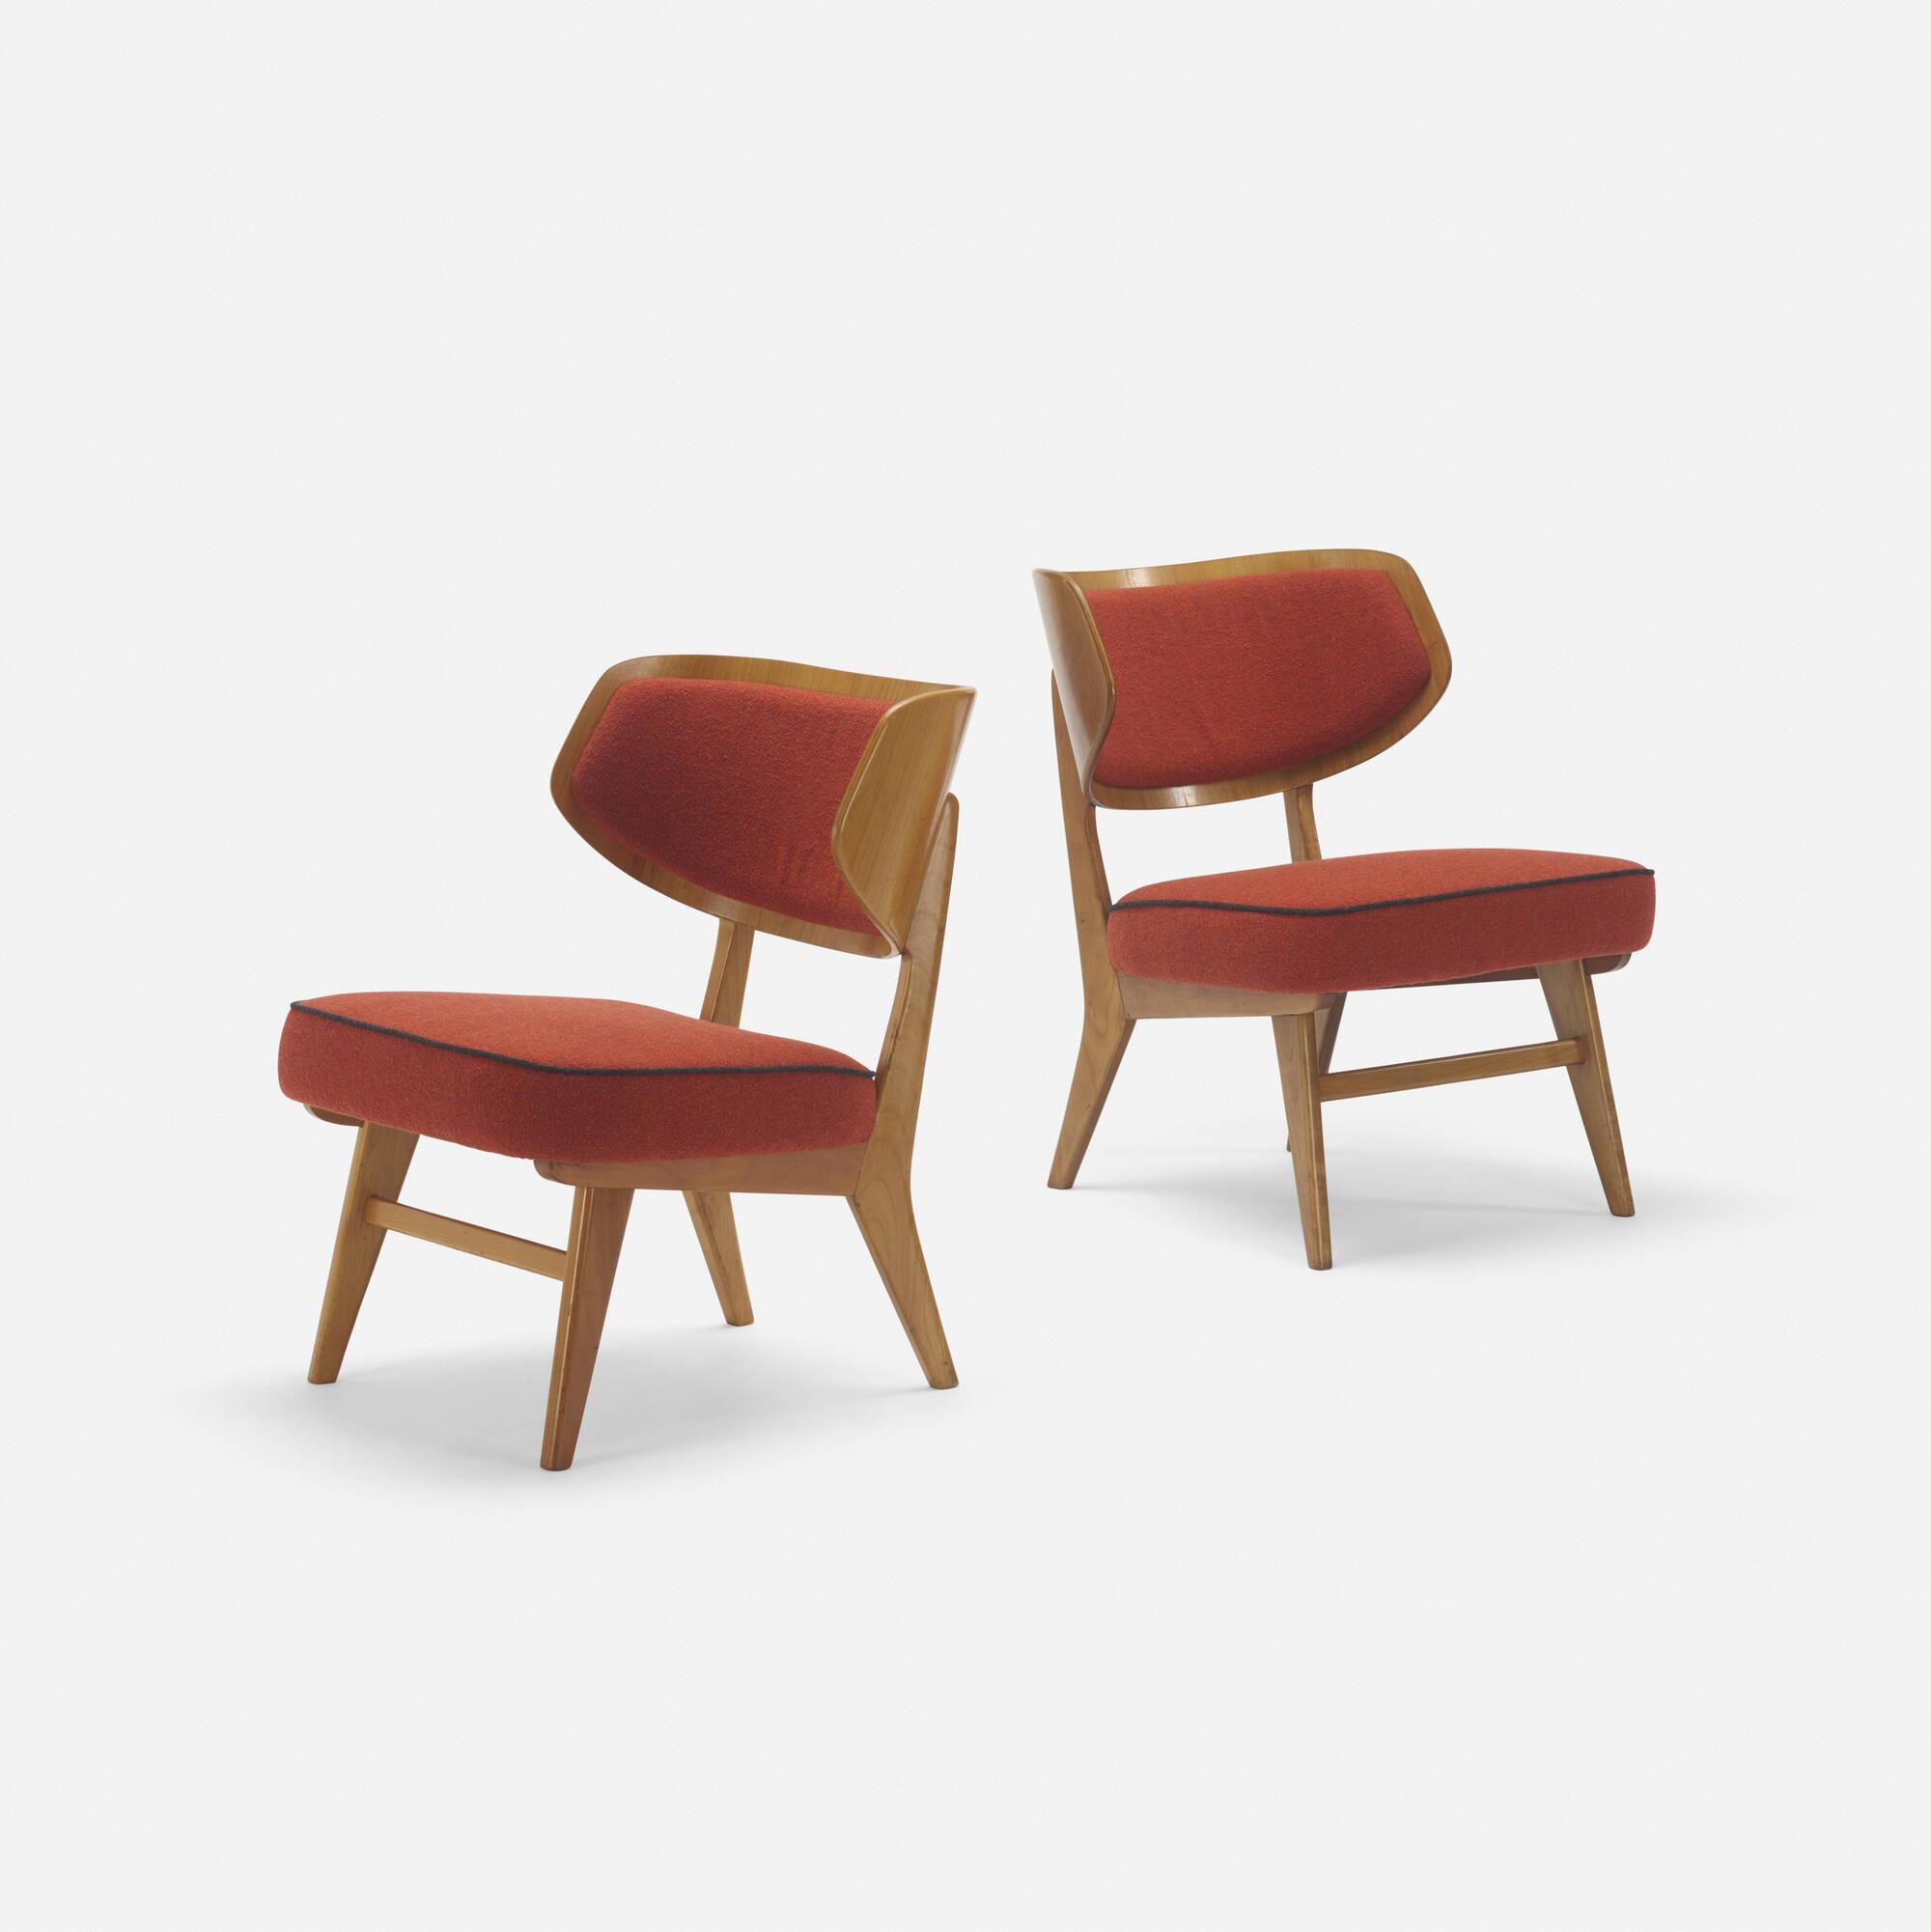 254: Herta-Maria Witzemann / lounge chairs, pair (1 of 3)